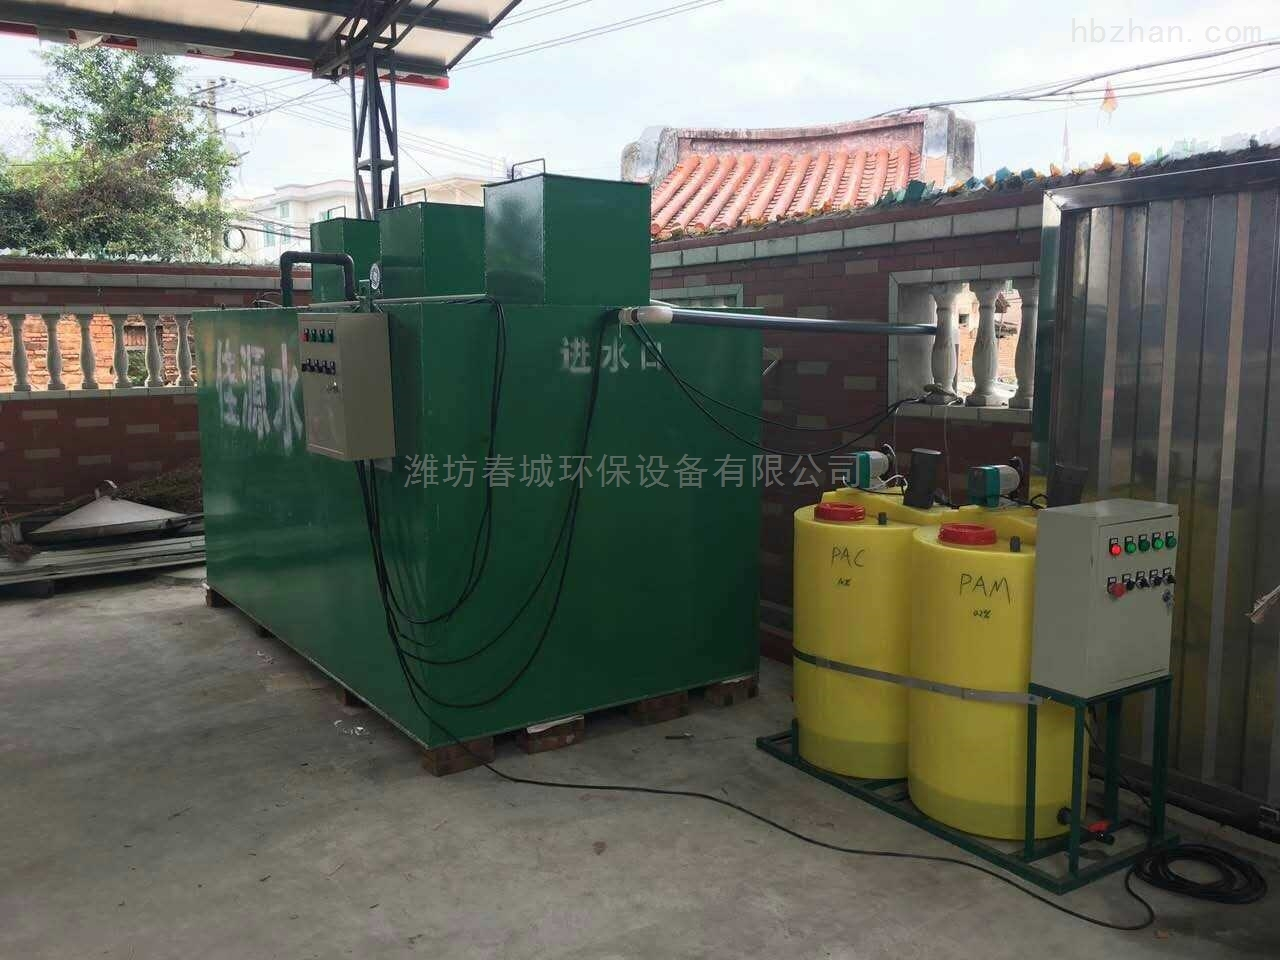 糖厂加工废水处理设备